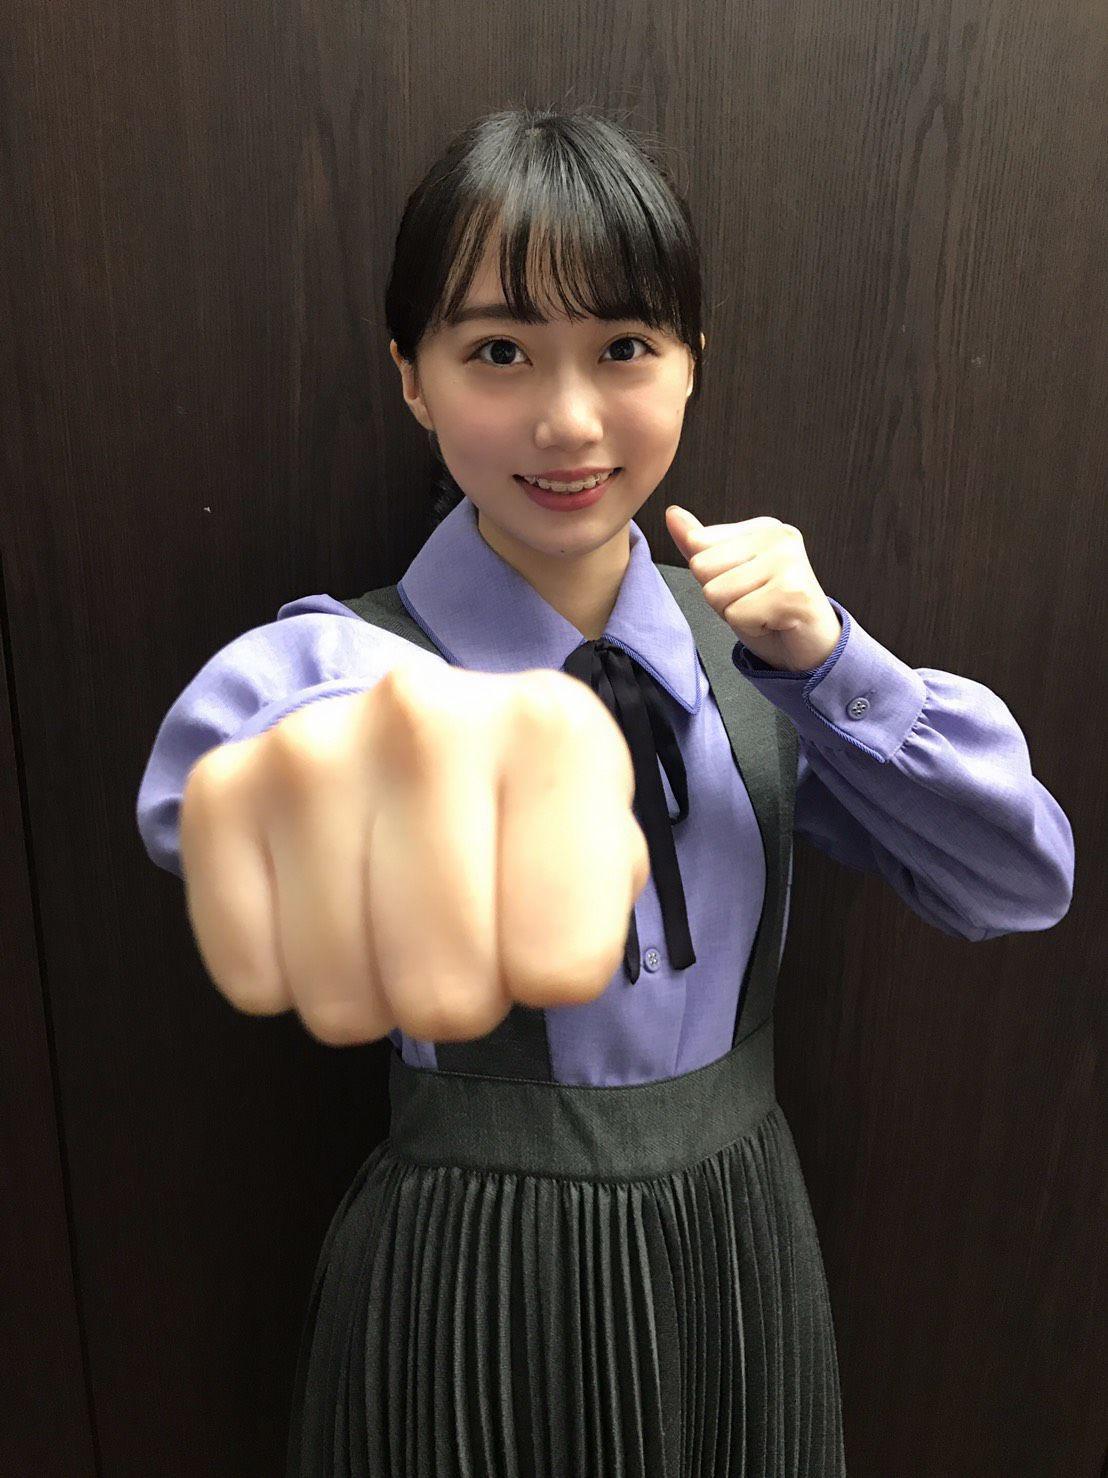 矢久保美緒 ミオパンチ